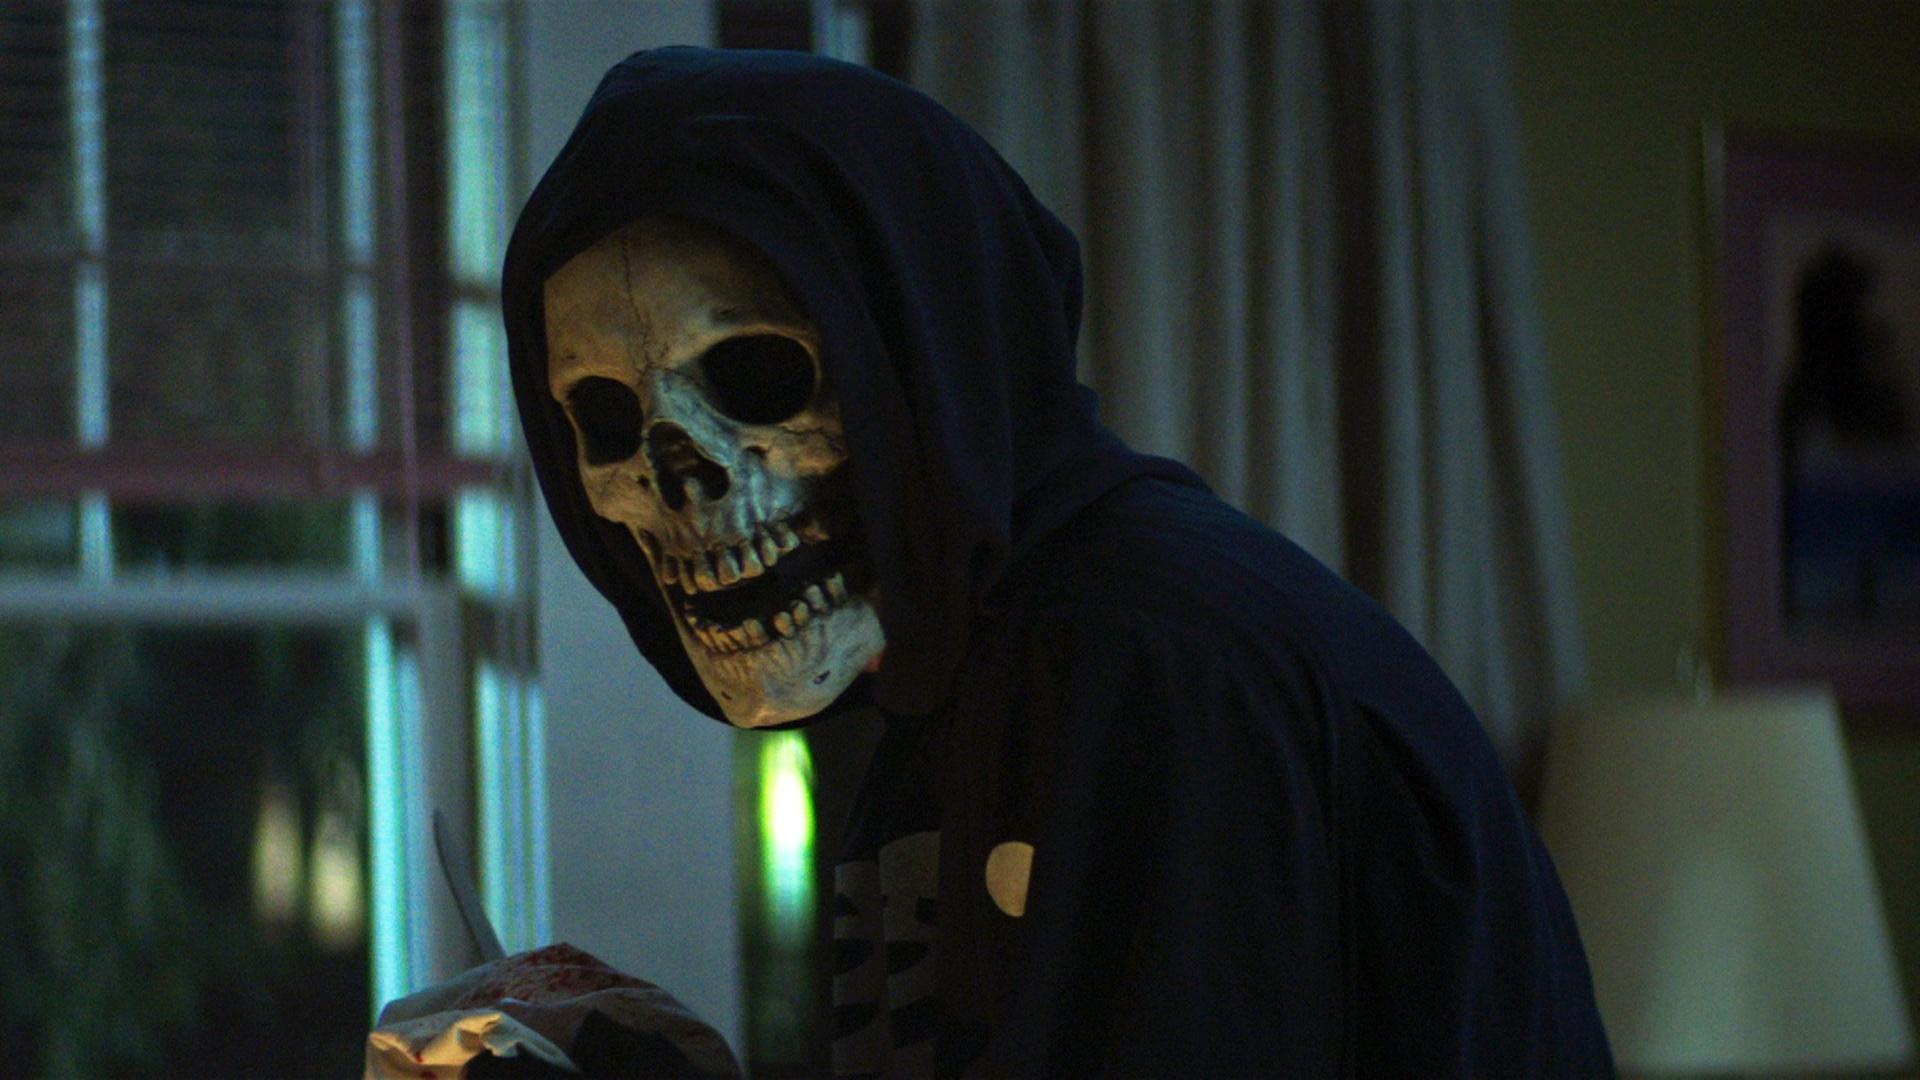 La trilogía de películas, basadas en los best-sellers de R.L. Stine, son un claro homenaje al cine tipo 'slasher' que tanto nos hizo pasarlo mal, especialmente en la década de los 70 y 80 con cintas tan míticas como 'Halloween' (1978), 'Viernes 13' (1980) o 'Pesadilla en Elm Street' (1984). El género, que recuperó fuerza en los 90 con la saga 'Scream' (1996), tienes clarísimas referencias en todas las cintas de la trilogía, especialmente en 'La calle del terror parte1: 1994' y 'La calle del terror parte 2: 1978'. </br> La primera película, protagonizada por Kiana Madeira, Olivia Scott Welch. Benjamin Flores Jr., Julia Rehwaldfred Hechinger, Ashley Zukerman, Maya Hawke, Darrell Britt-Gibson, Jordana Spiro y Jordyn Dinatale, sigue los pasos de un grupo de adolescentes que se enfrentan a una fuerza de espeluznante que parece marcar de forma violenta e irremediable a los habitantes de Shadyside.